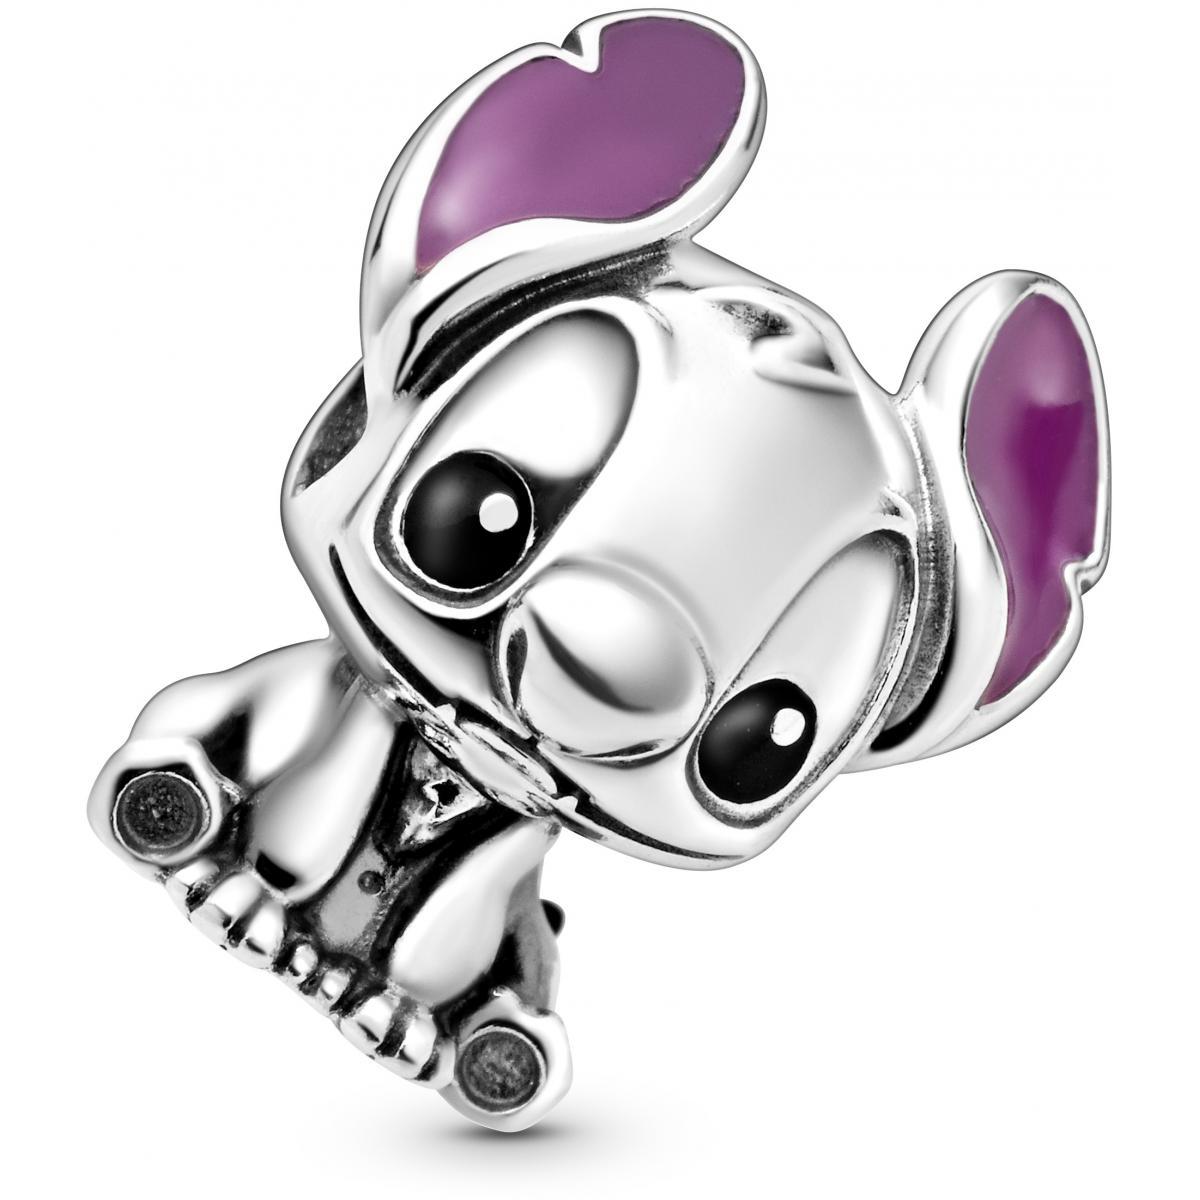 Charm Pandora Disney 798844C01 - Lilo & Stitch